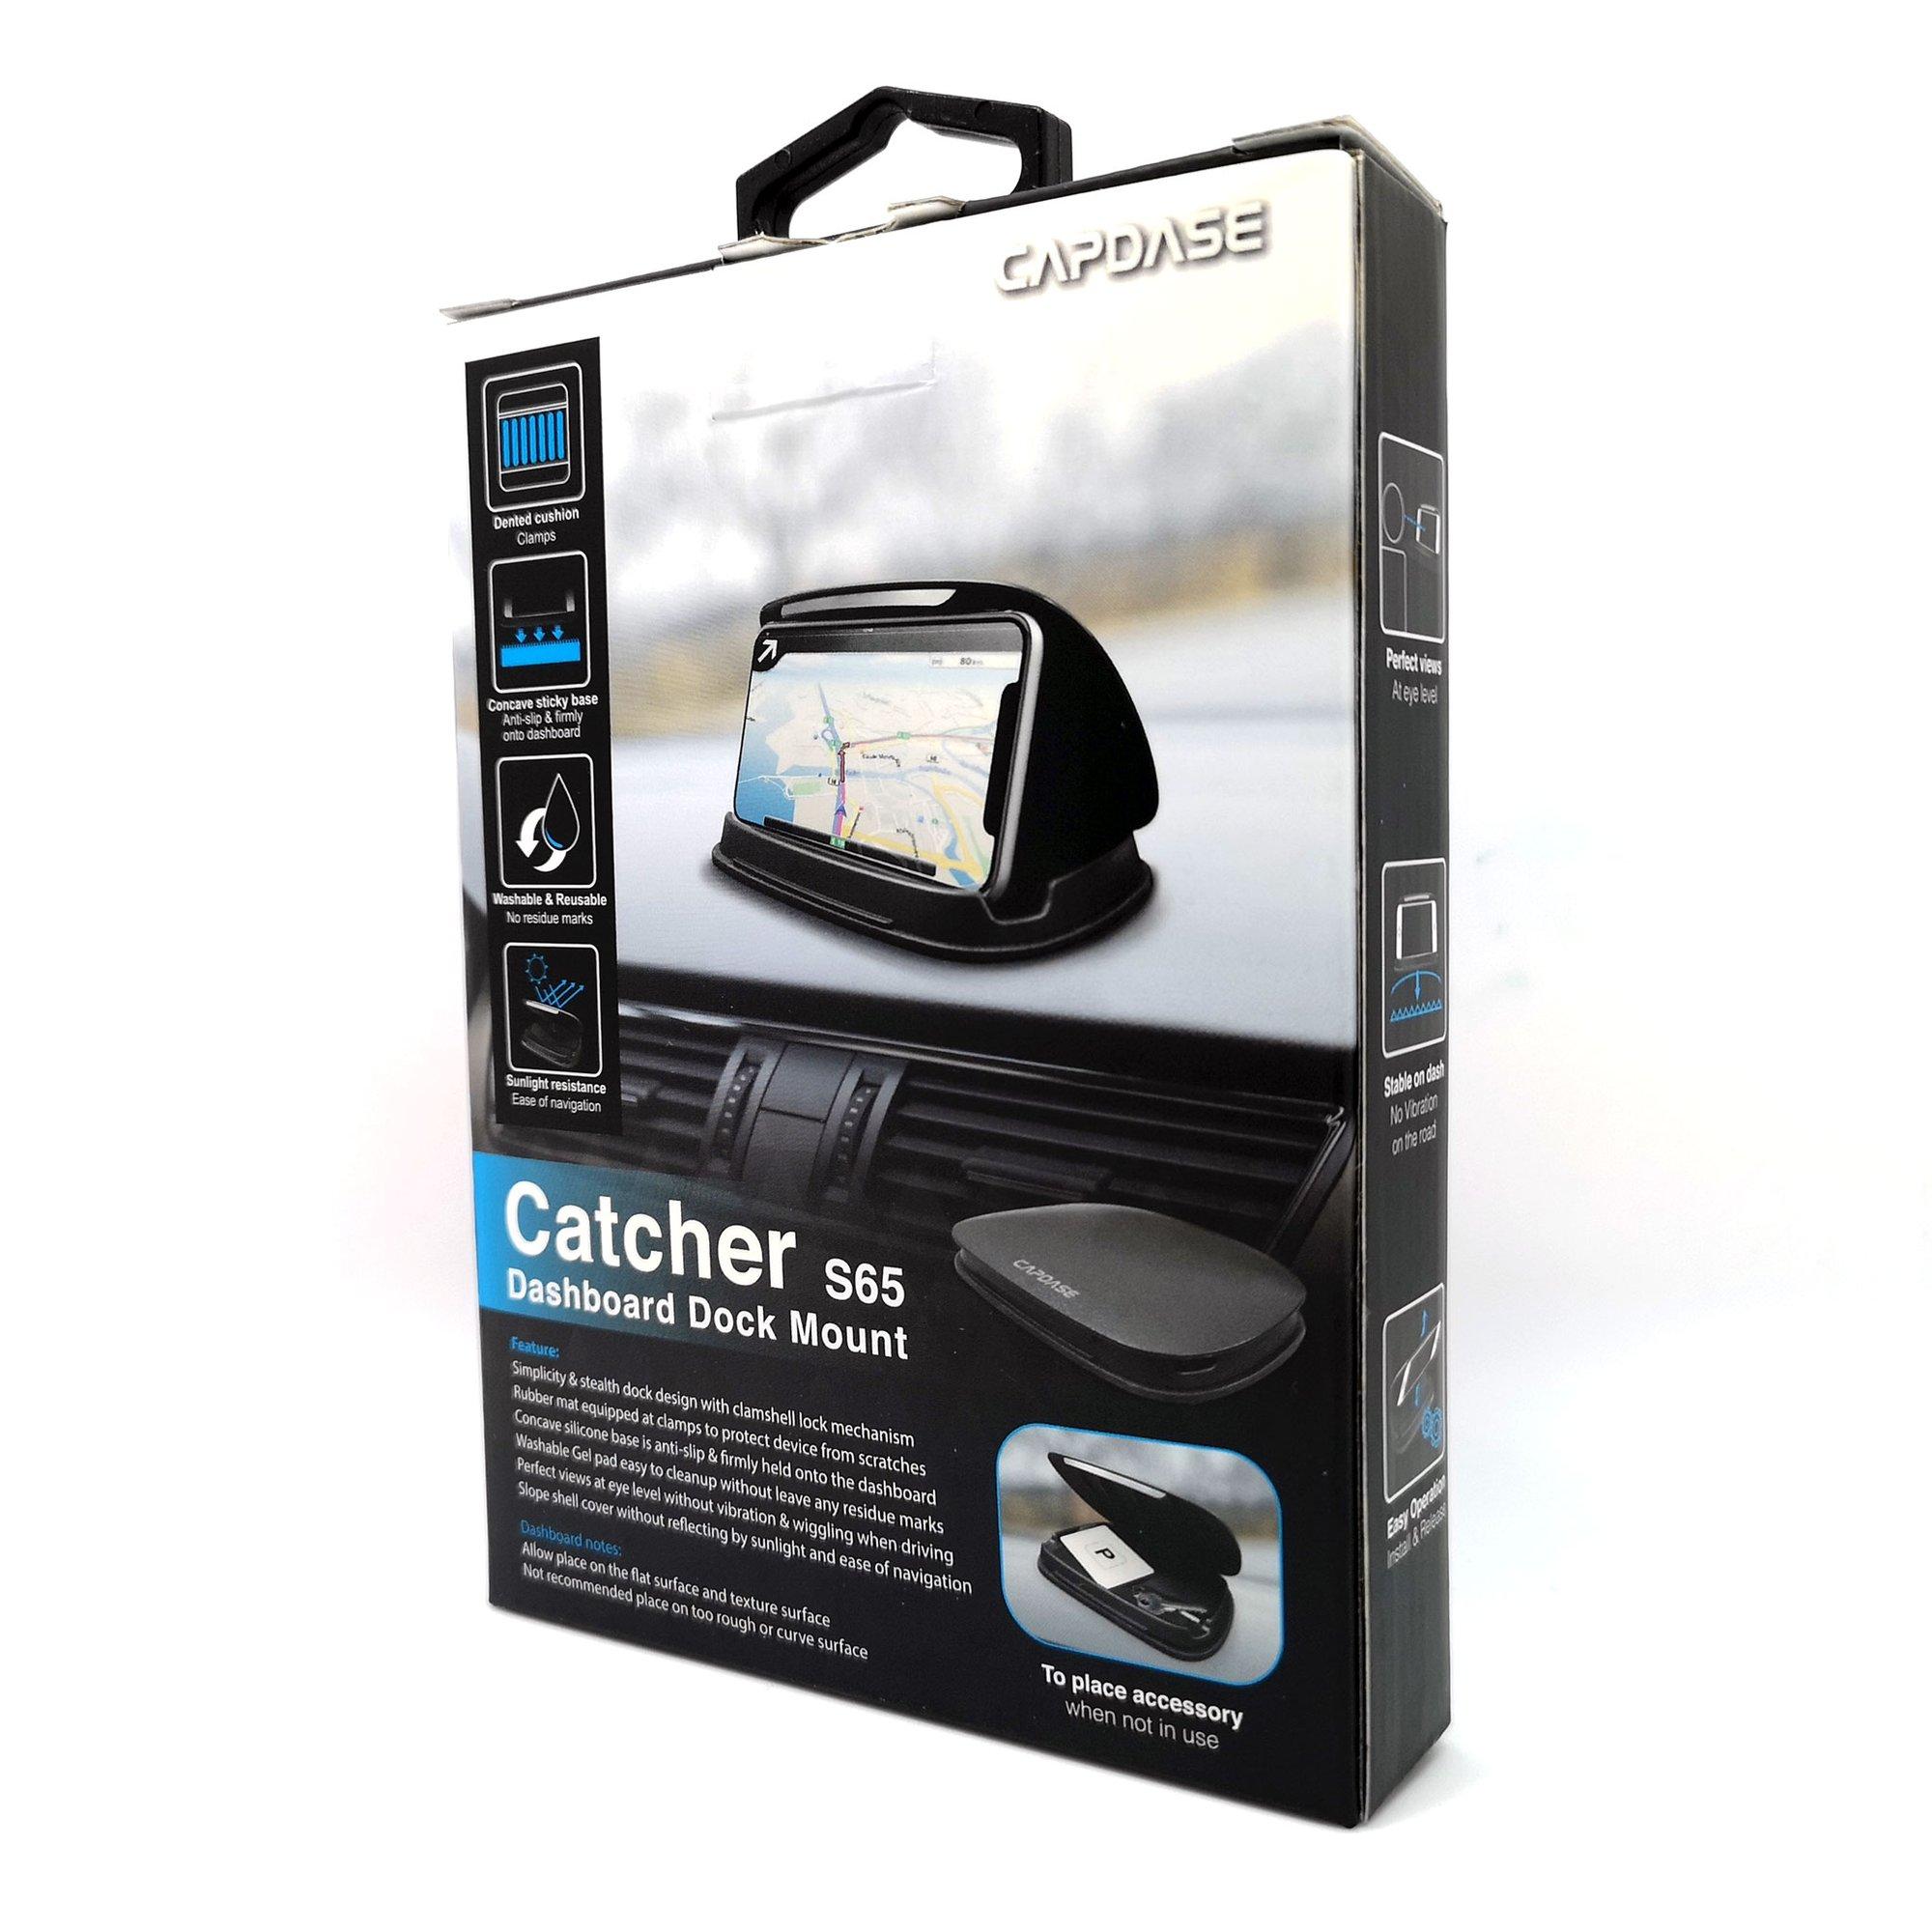 Capdase Catcher S65 Dashboard Dock Mount